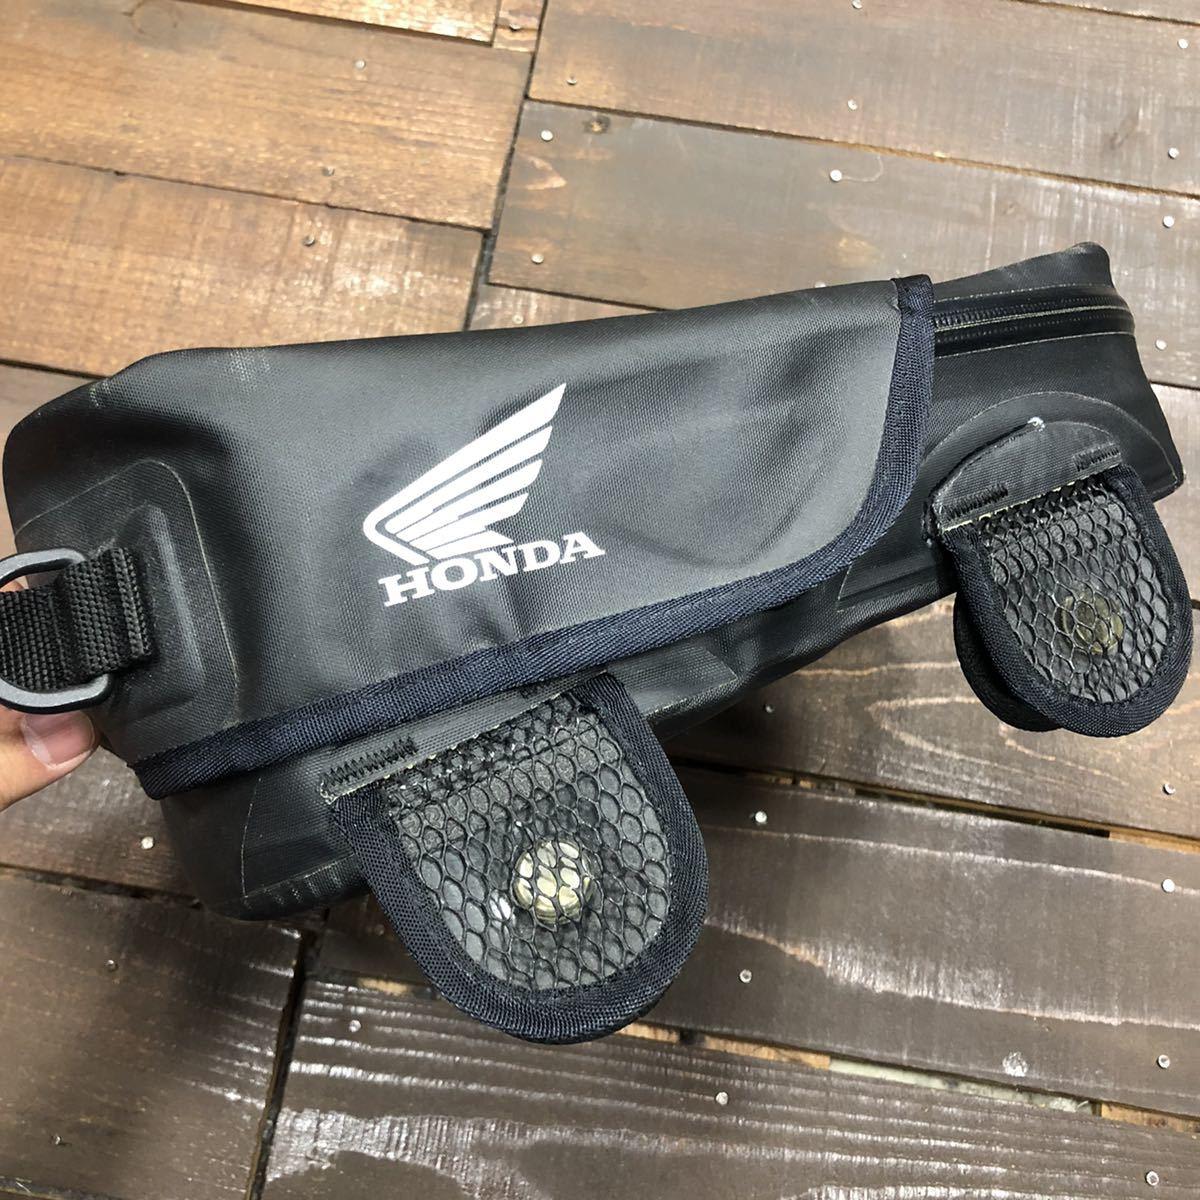 HONDA ホンダ スポルトシート バッグ バイク 中古 使用感あり 止水ジップ ブラック 黒_画像3